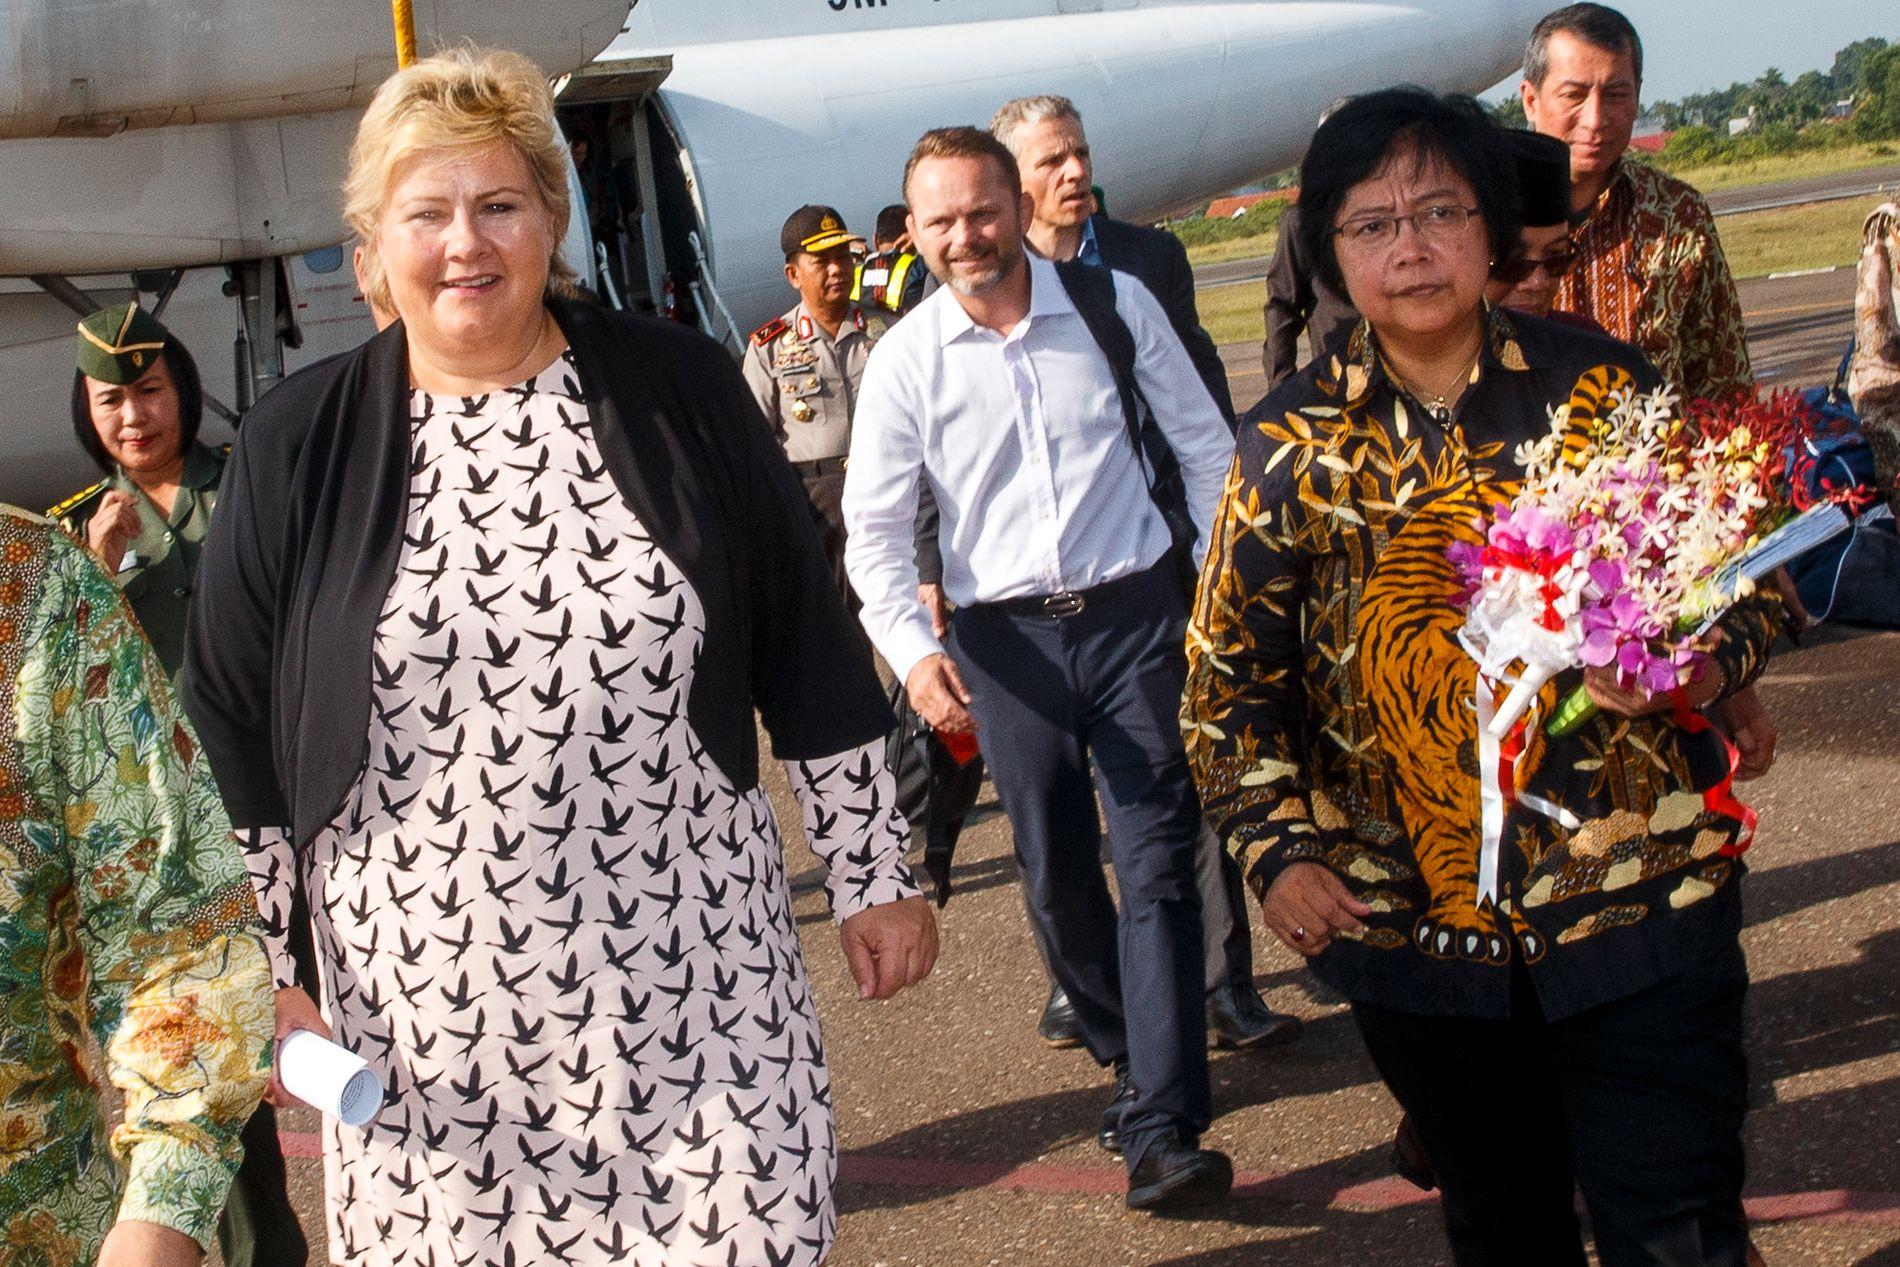 SUMATRA: Norges ambassadør i Indonesia Stig Traavik (i midten) ble hjemkalt og fratatt tittelen av Utenriksdepartementet i fjor. Her er han fotografert på Sumatra da statsminister Erna Solberg besøkte landet i 2015.